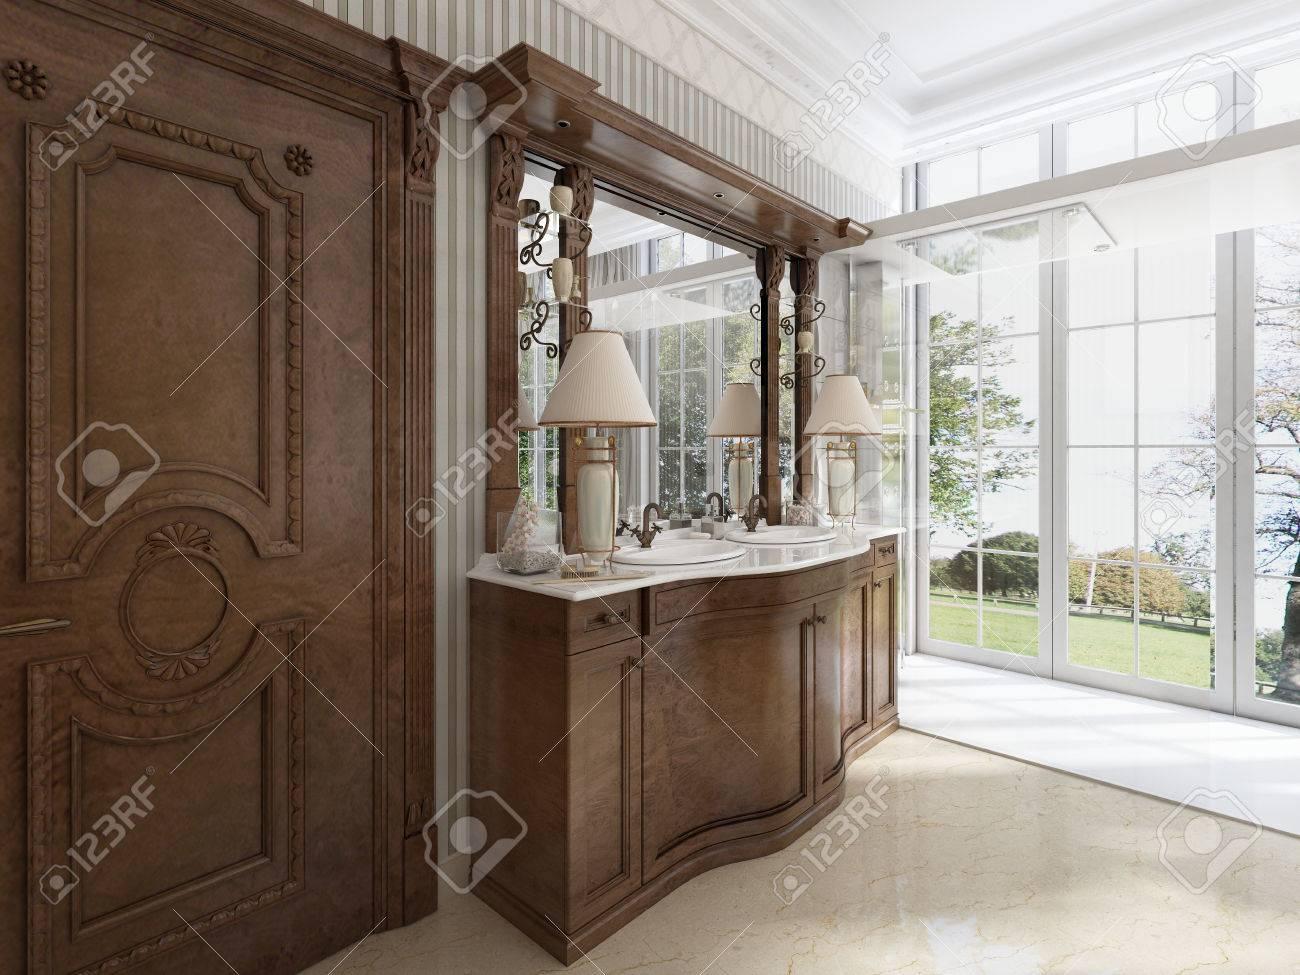 Mobili Di Lusso Moderni : Immagini stock mobili neoclassico di lusso in stile moderno in